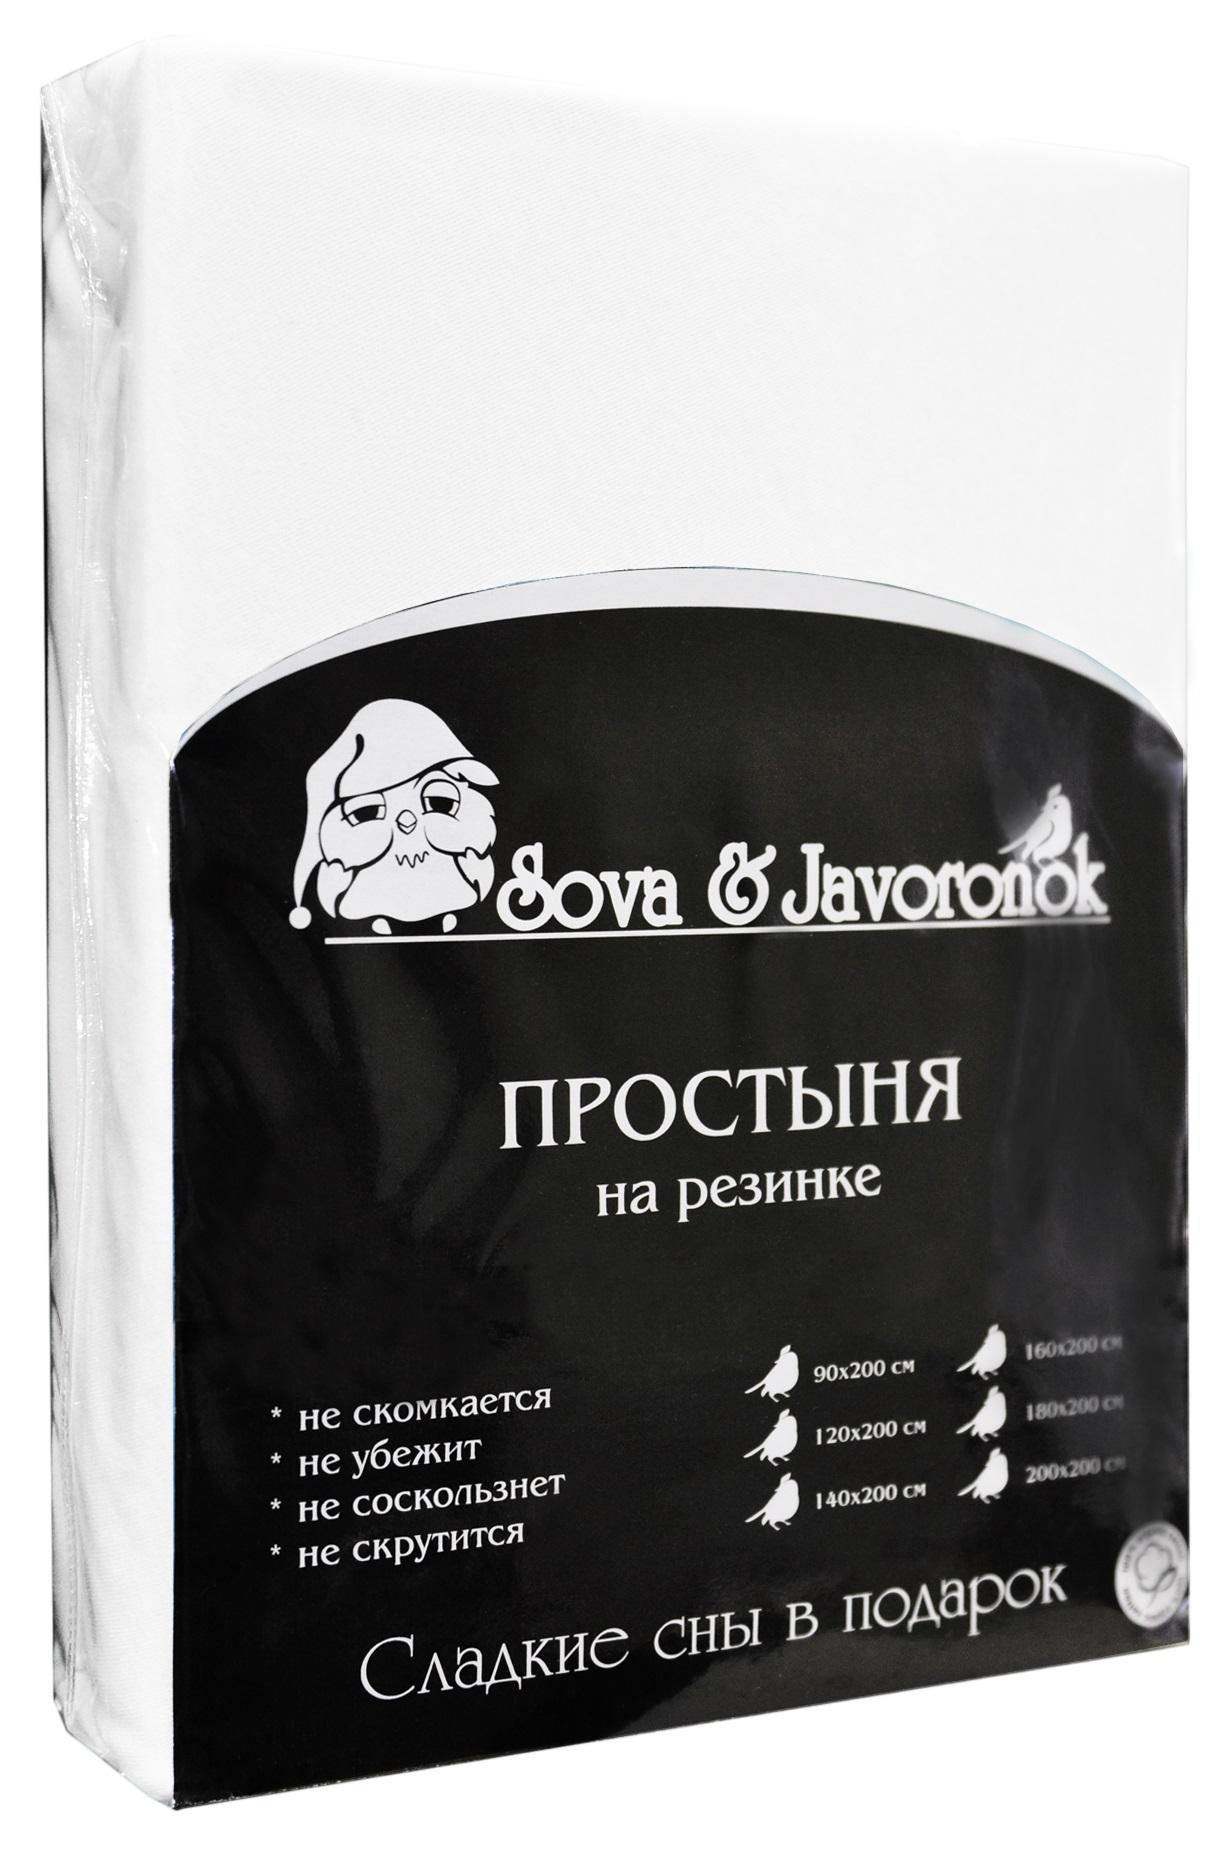 Простыня на резинке Sova & Javoronok, цвет: белый, 160 х 200 см10503Простыня на резинке Sova & Javoronok, изготовленная из трикотажной ткани (100% хлопок), будет превосходно смотреться с любыми комплектами белья. Хлопчатобумажный трикотаж по праву считается одним из самых качественных, прочных и при этом приятных на ощупь. Его гигиеничность позволяет использовать простыню и в детских комнатах, к тому же 100%-ый хлопок в составе ткани не вызовет аллергии. У трикотажного полотна очень интересная структура, немного рыхлая за счет отсутствия плотного переплетения нитей и наличия особых петель, благодаря этому простыня Сова и Жаворонок отлично пропускает воздух и способствует его постоянной циркуляции. Поэтому ваша постель будет всегда оставаться свежей. Но главное и, пожалуй, самое известное свойство трикотажа - это его великолепная растяжимость, поэтому эта ткань и была выбрана для натяжной простыни на резинке.Простыня прошита резинкой по всему периметру, что обеспечивает более комфортный отдых, так как она прочно удерживается на матрасе и избавляет от необходимости часто поправлять простыню.